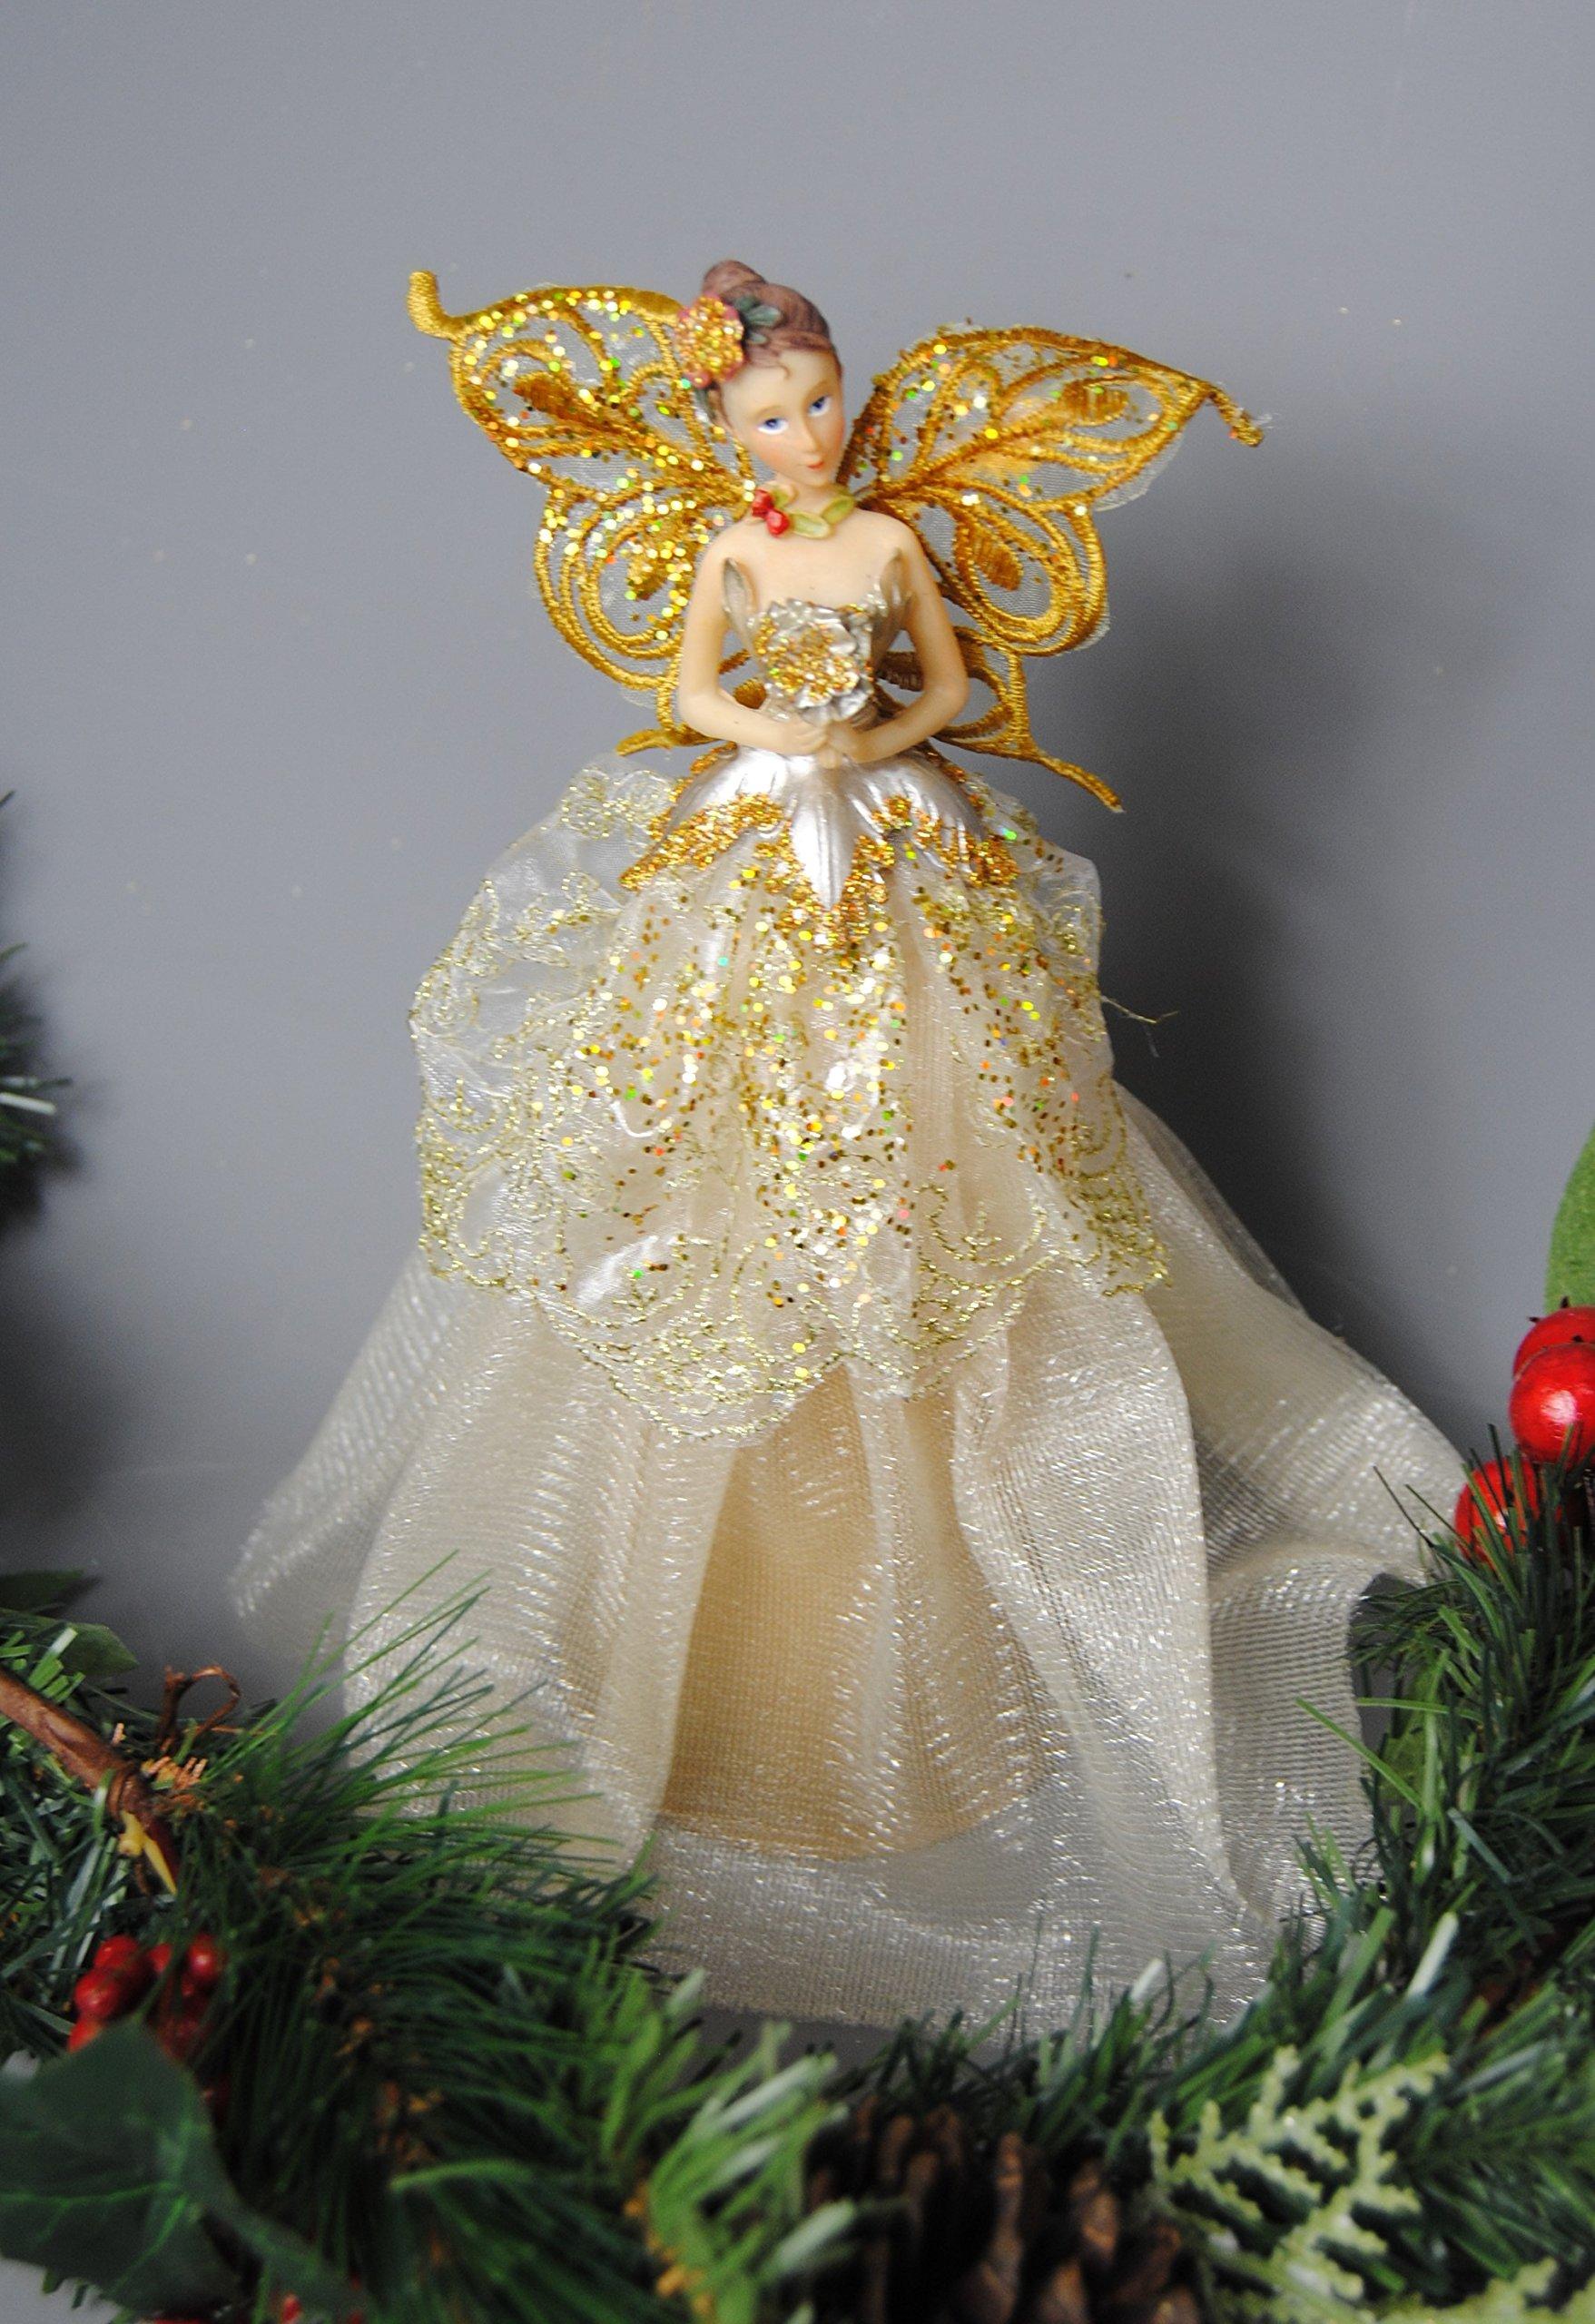 Festive-Christbaumspitze-Fee-Engel-gold-glitzer-Kleid-und-Spitzen-Flgeln